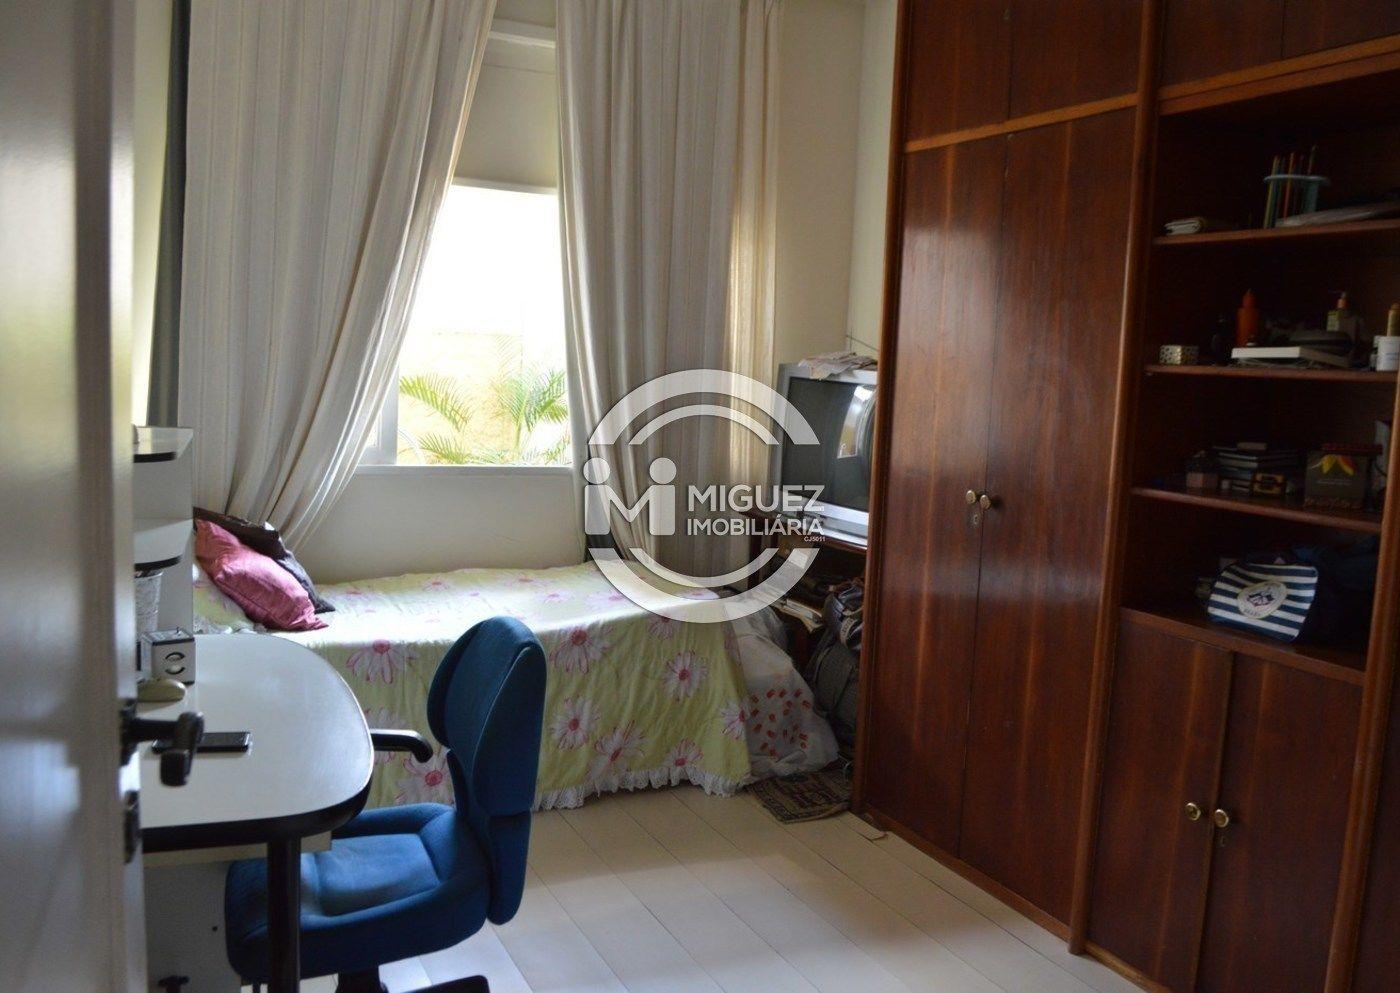 Apartamento, venda, RUA SILVA PINTO - Vila Isabel , Rio de janeiro